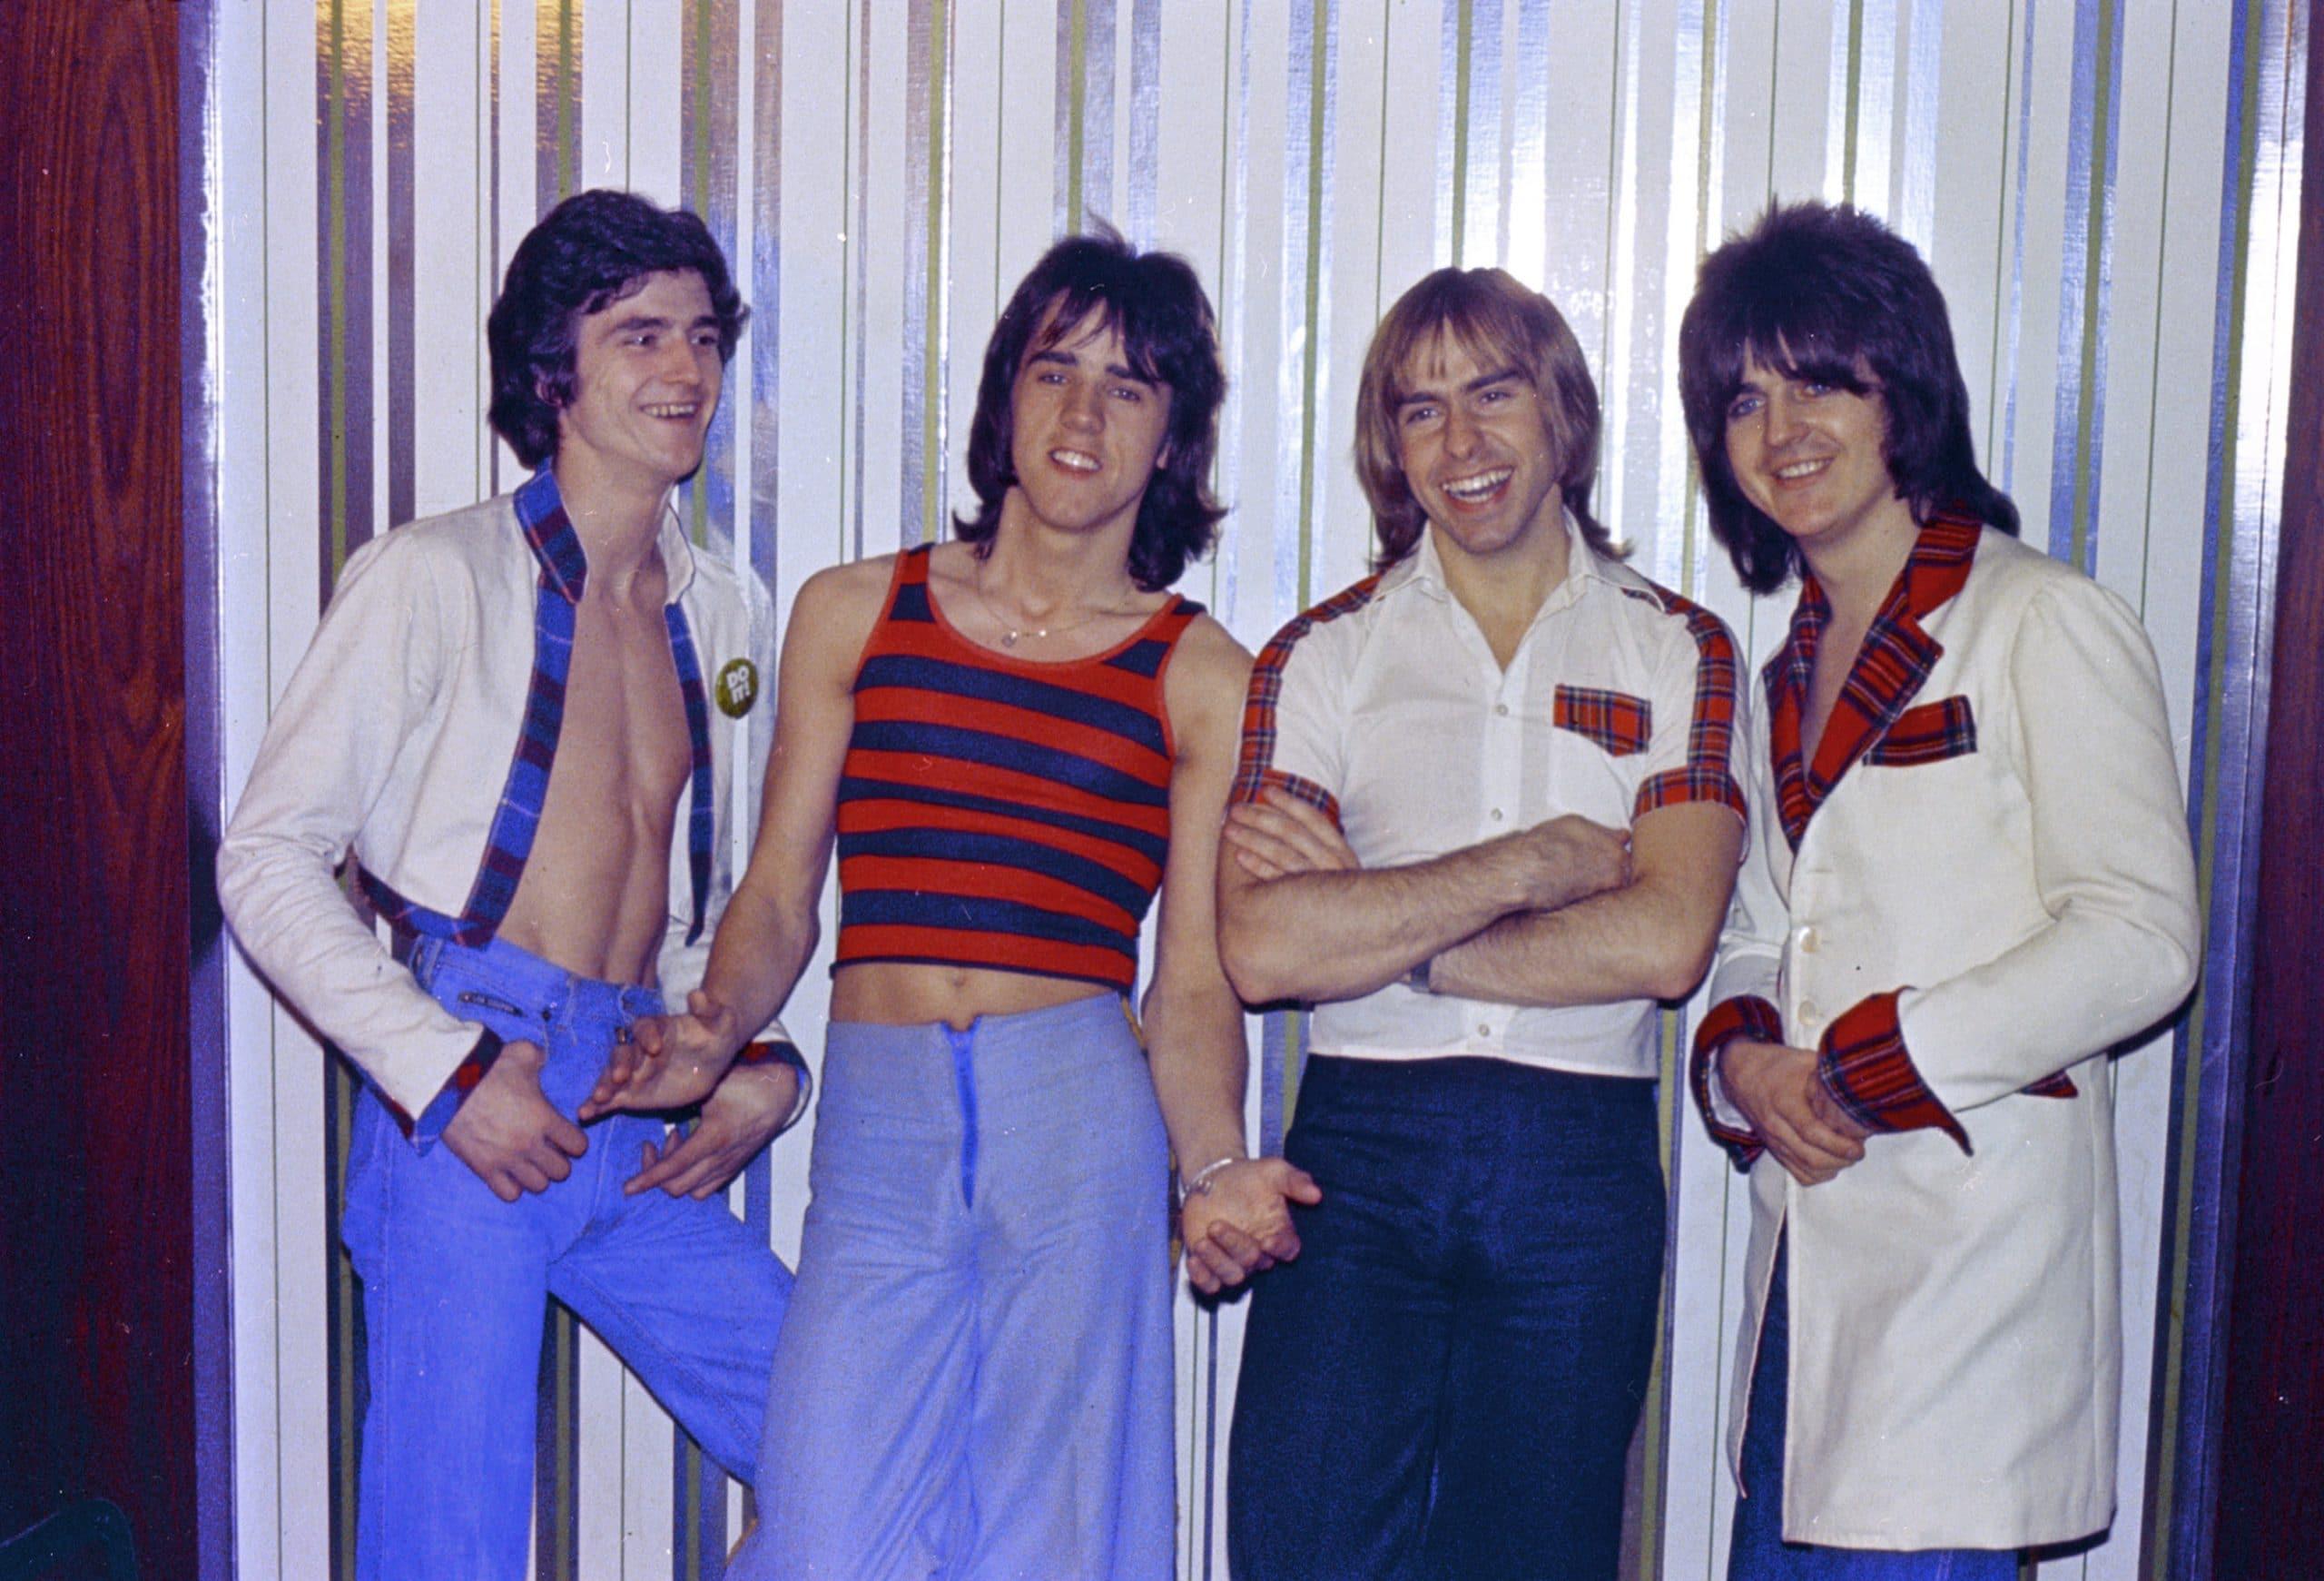 Bay City Rollers, (l to r) Les McKeown, Stuart 'Woody' Wood, Derek Longmuir, Eric Faulkner, circa 1970s